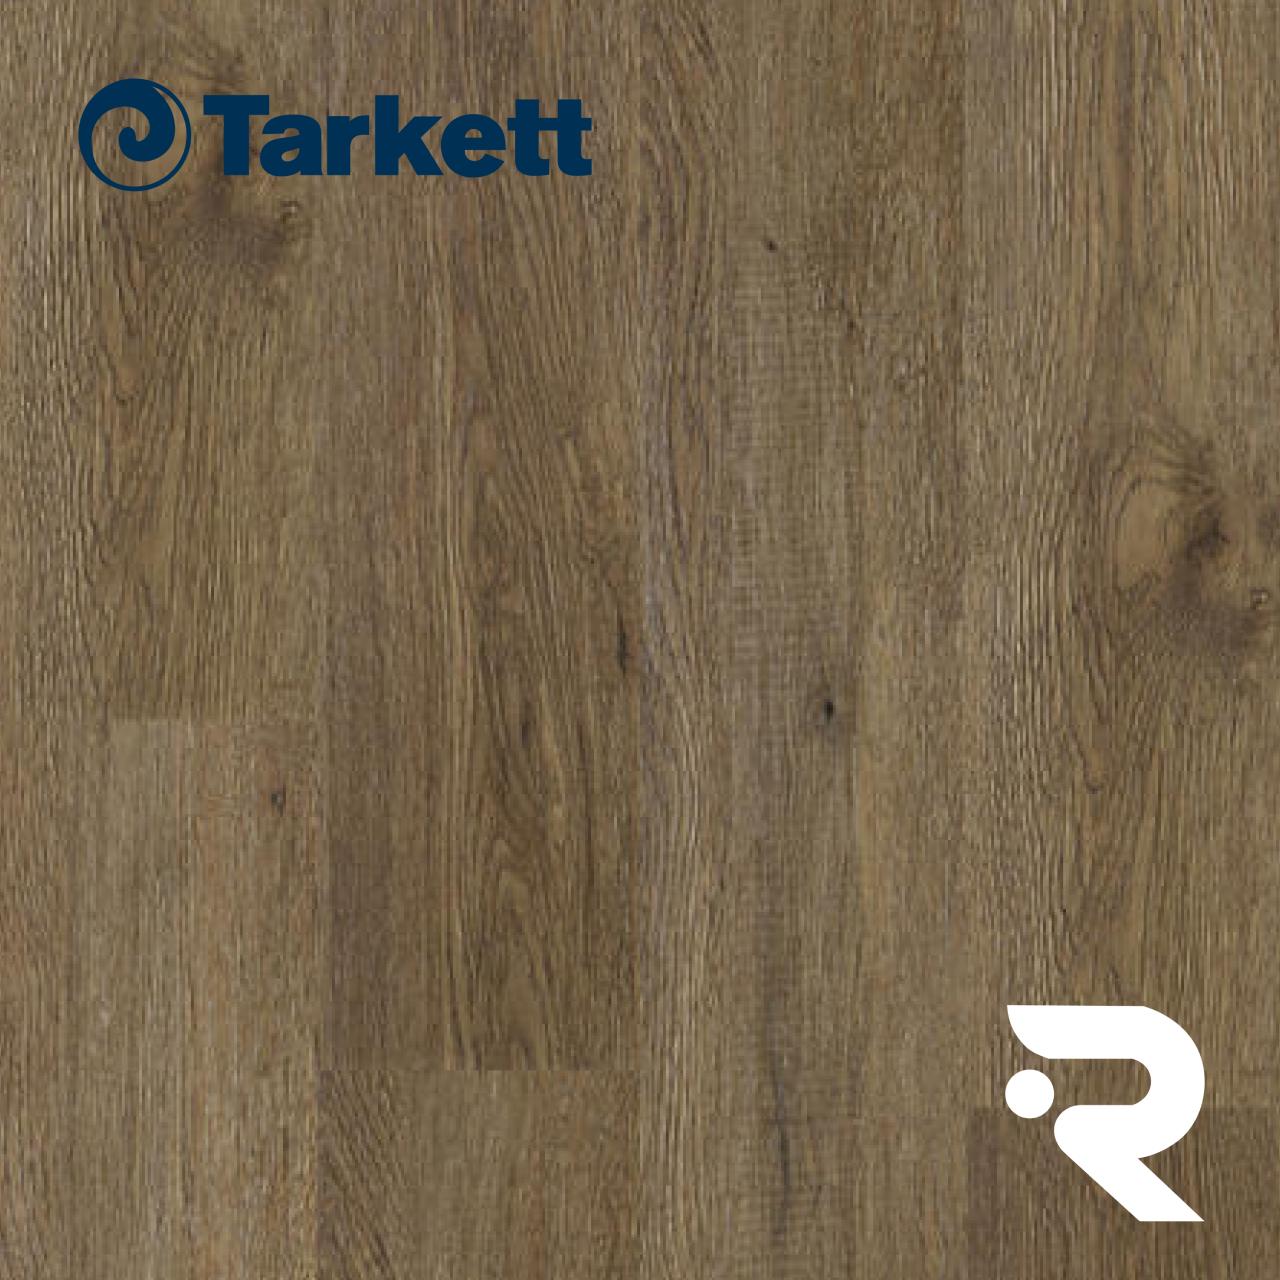 🌳 ПВХ плитка Tarkett | NEW AGE - ORTO | Art Vinyl | 914 x 152 мм